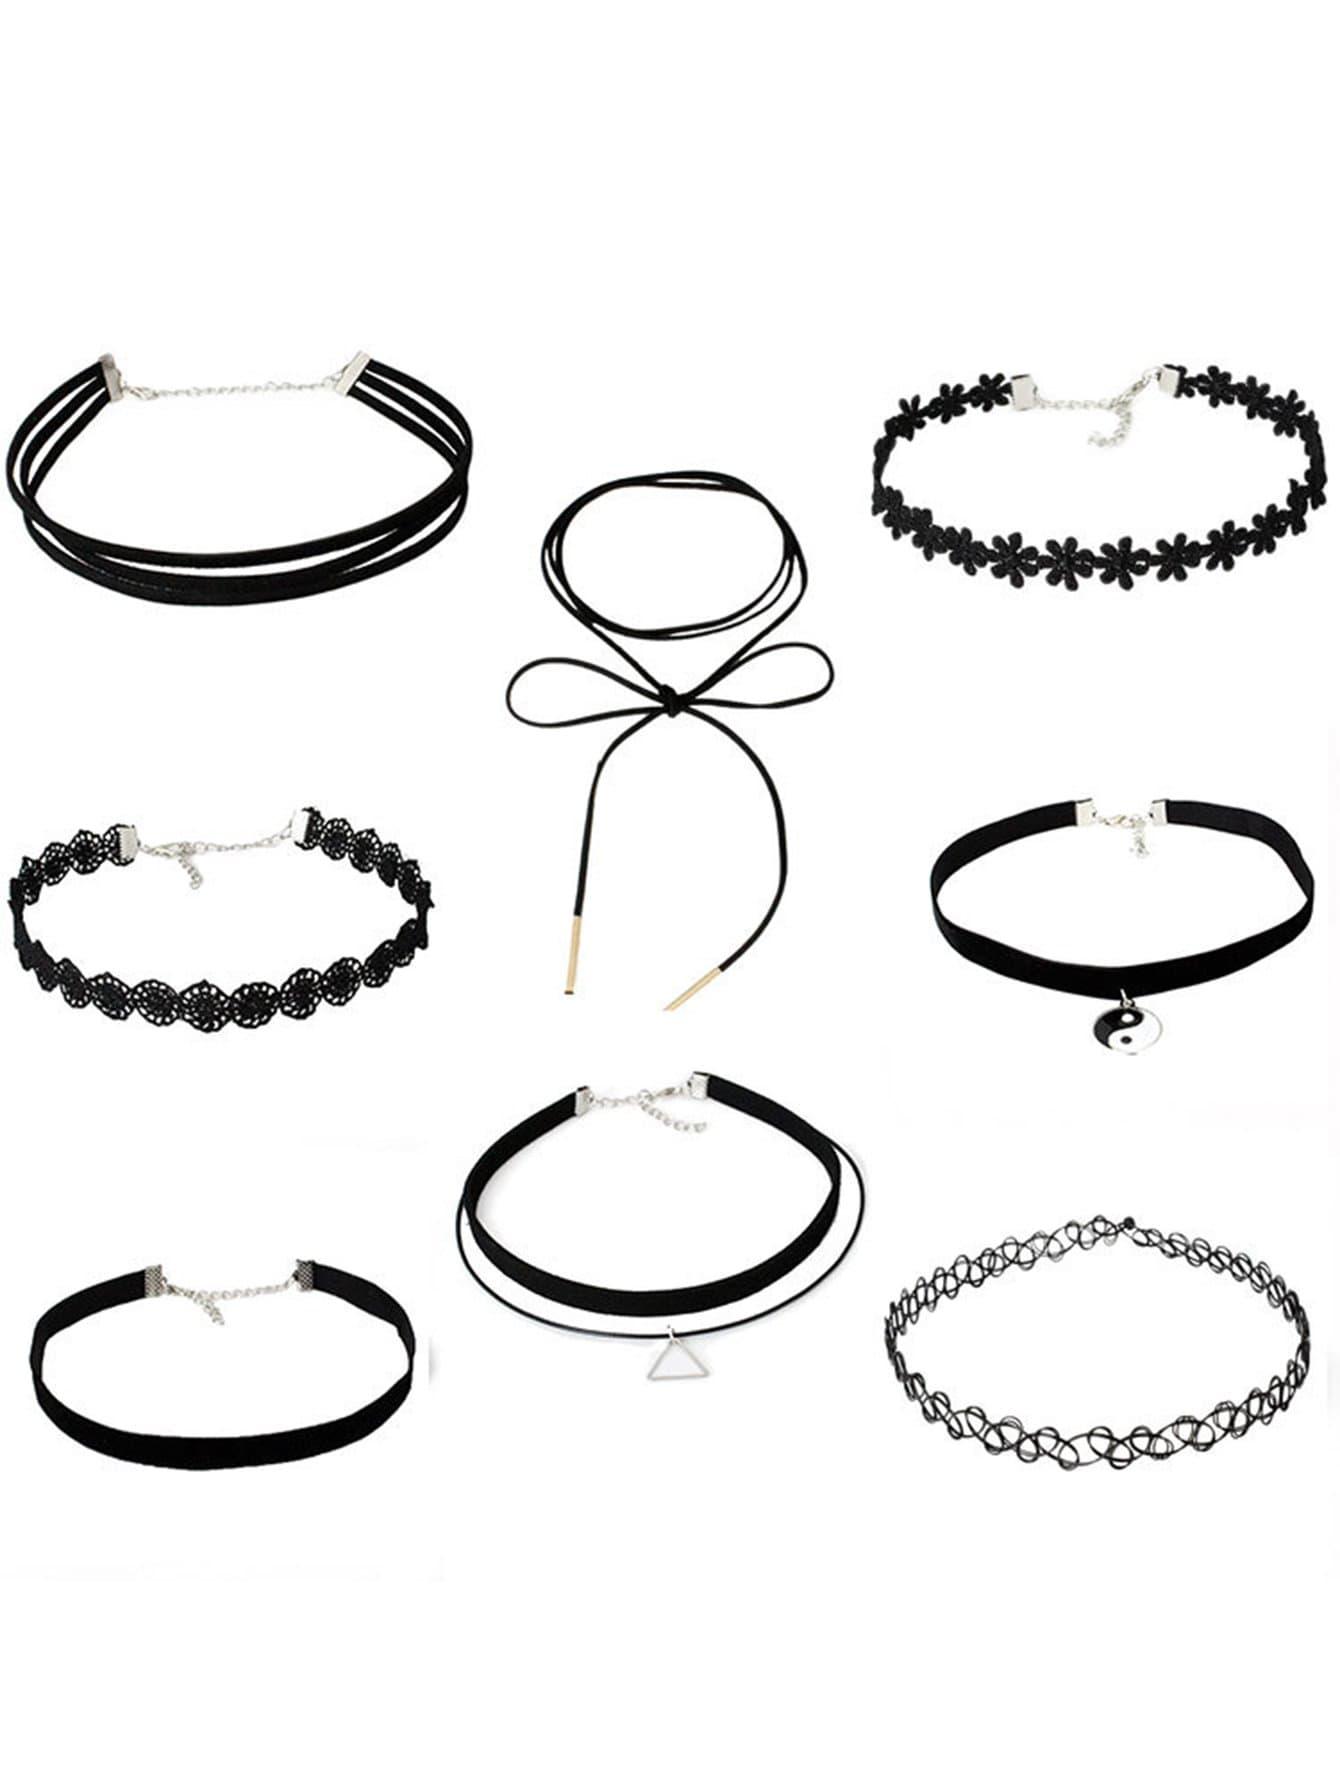 Купить Набор многослойного ожерелья с украшением кружева 8 шт, null, SheIn